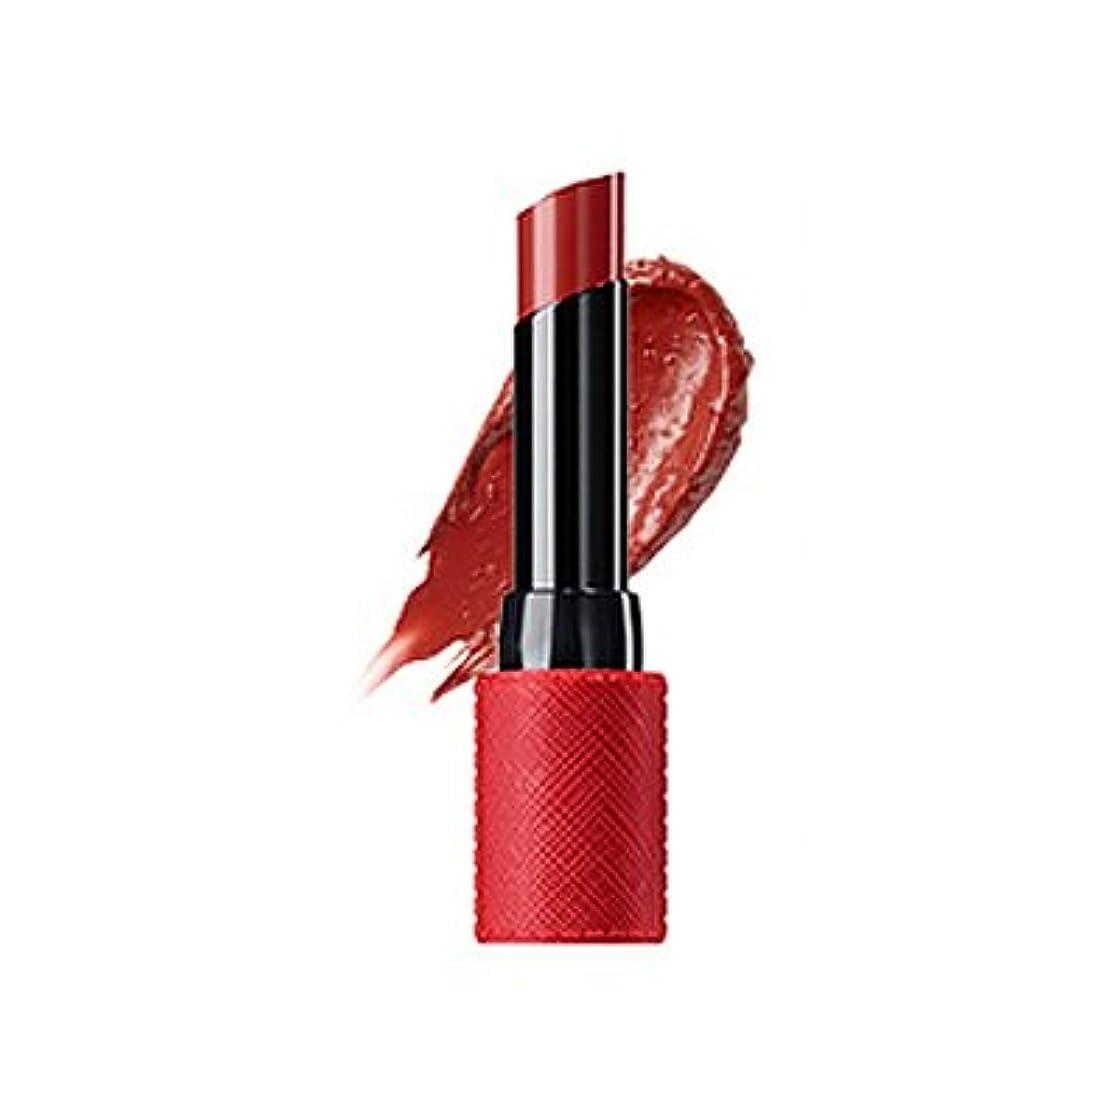 深さ標準モトリー【The Saem】ザセム キスホリック リップスティック S レッドブリック/Kissholic Lipstick S Red Brick / RD06